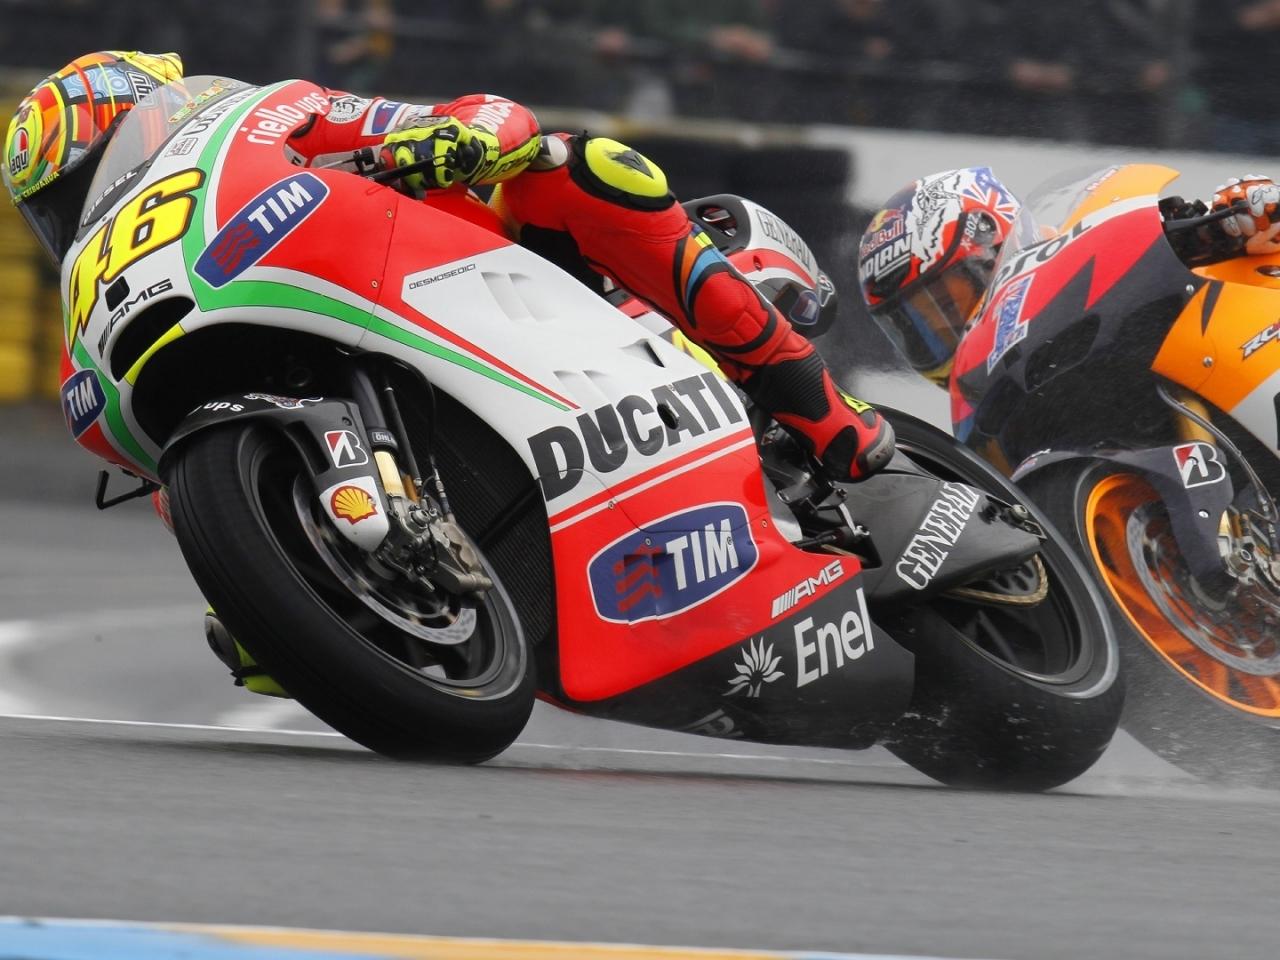 Moto Ducati VS Honda - 1280x960